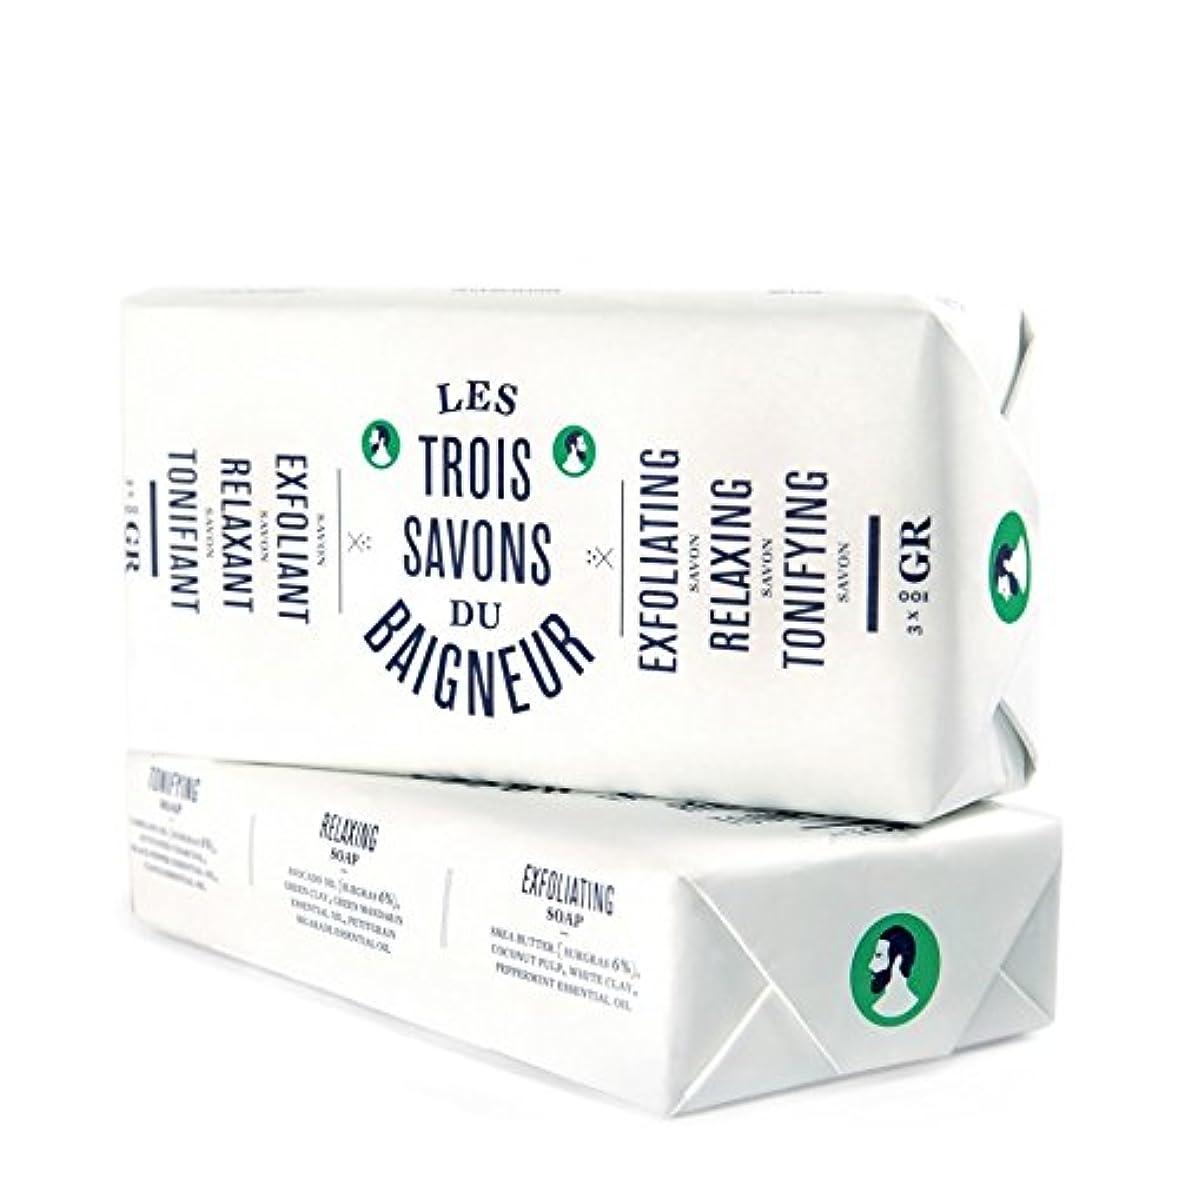 ル石鹸セット300グラム x2 - Le Baigneur Soap Set 300g (Pack of 2) [並行輸入品]